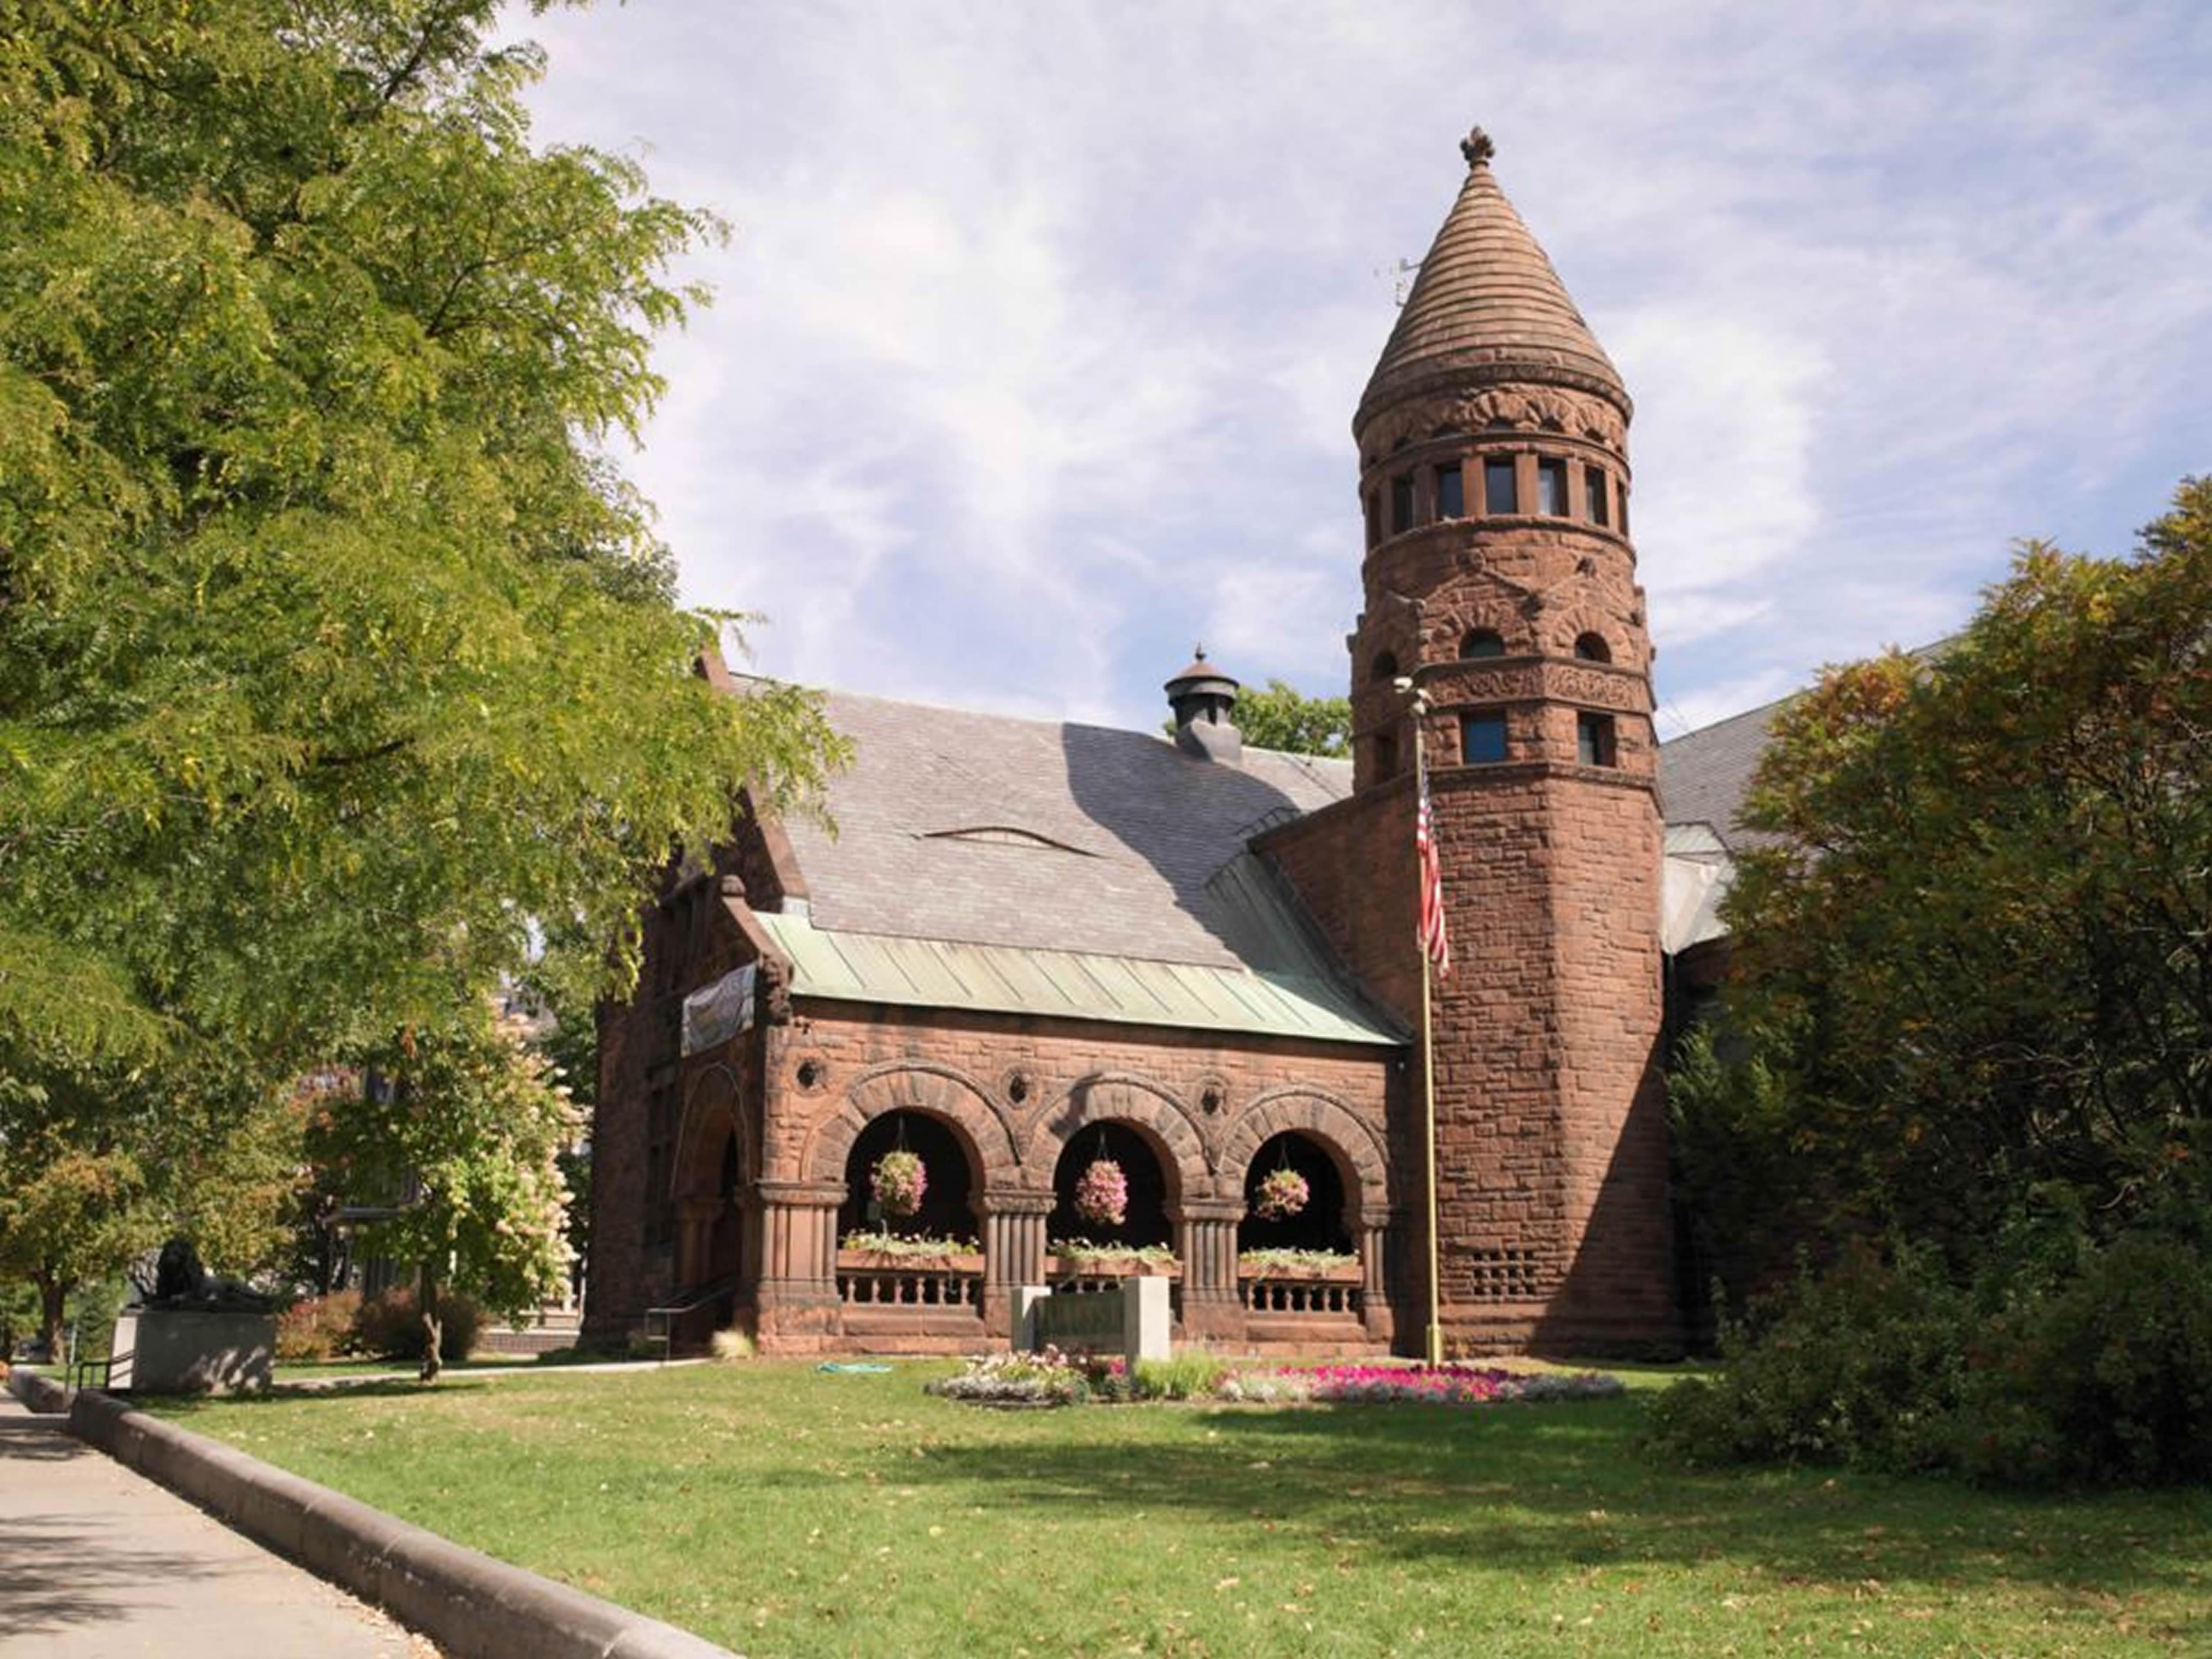 Fairbanks Museum & Planetarium | Visit Island Pond